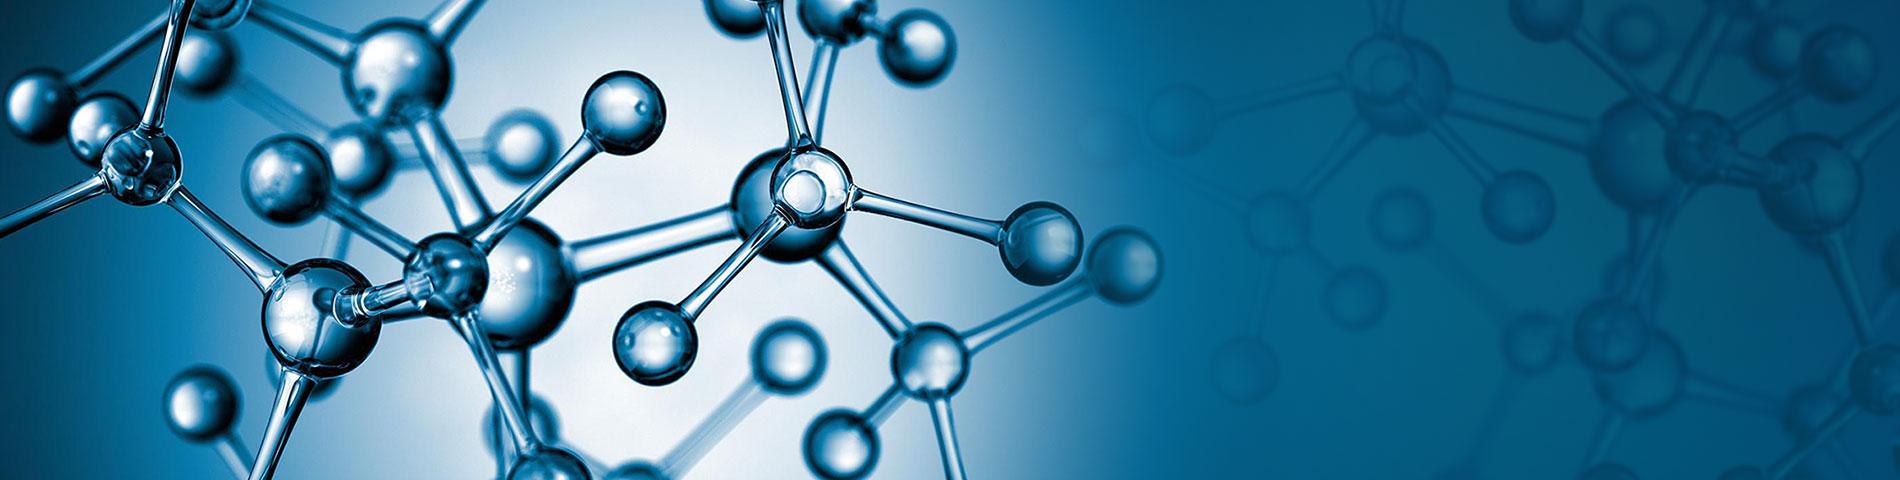 40 Yıllık Uzmanlık Özel Kimyasallarda